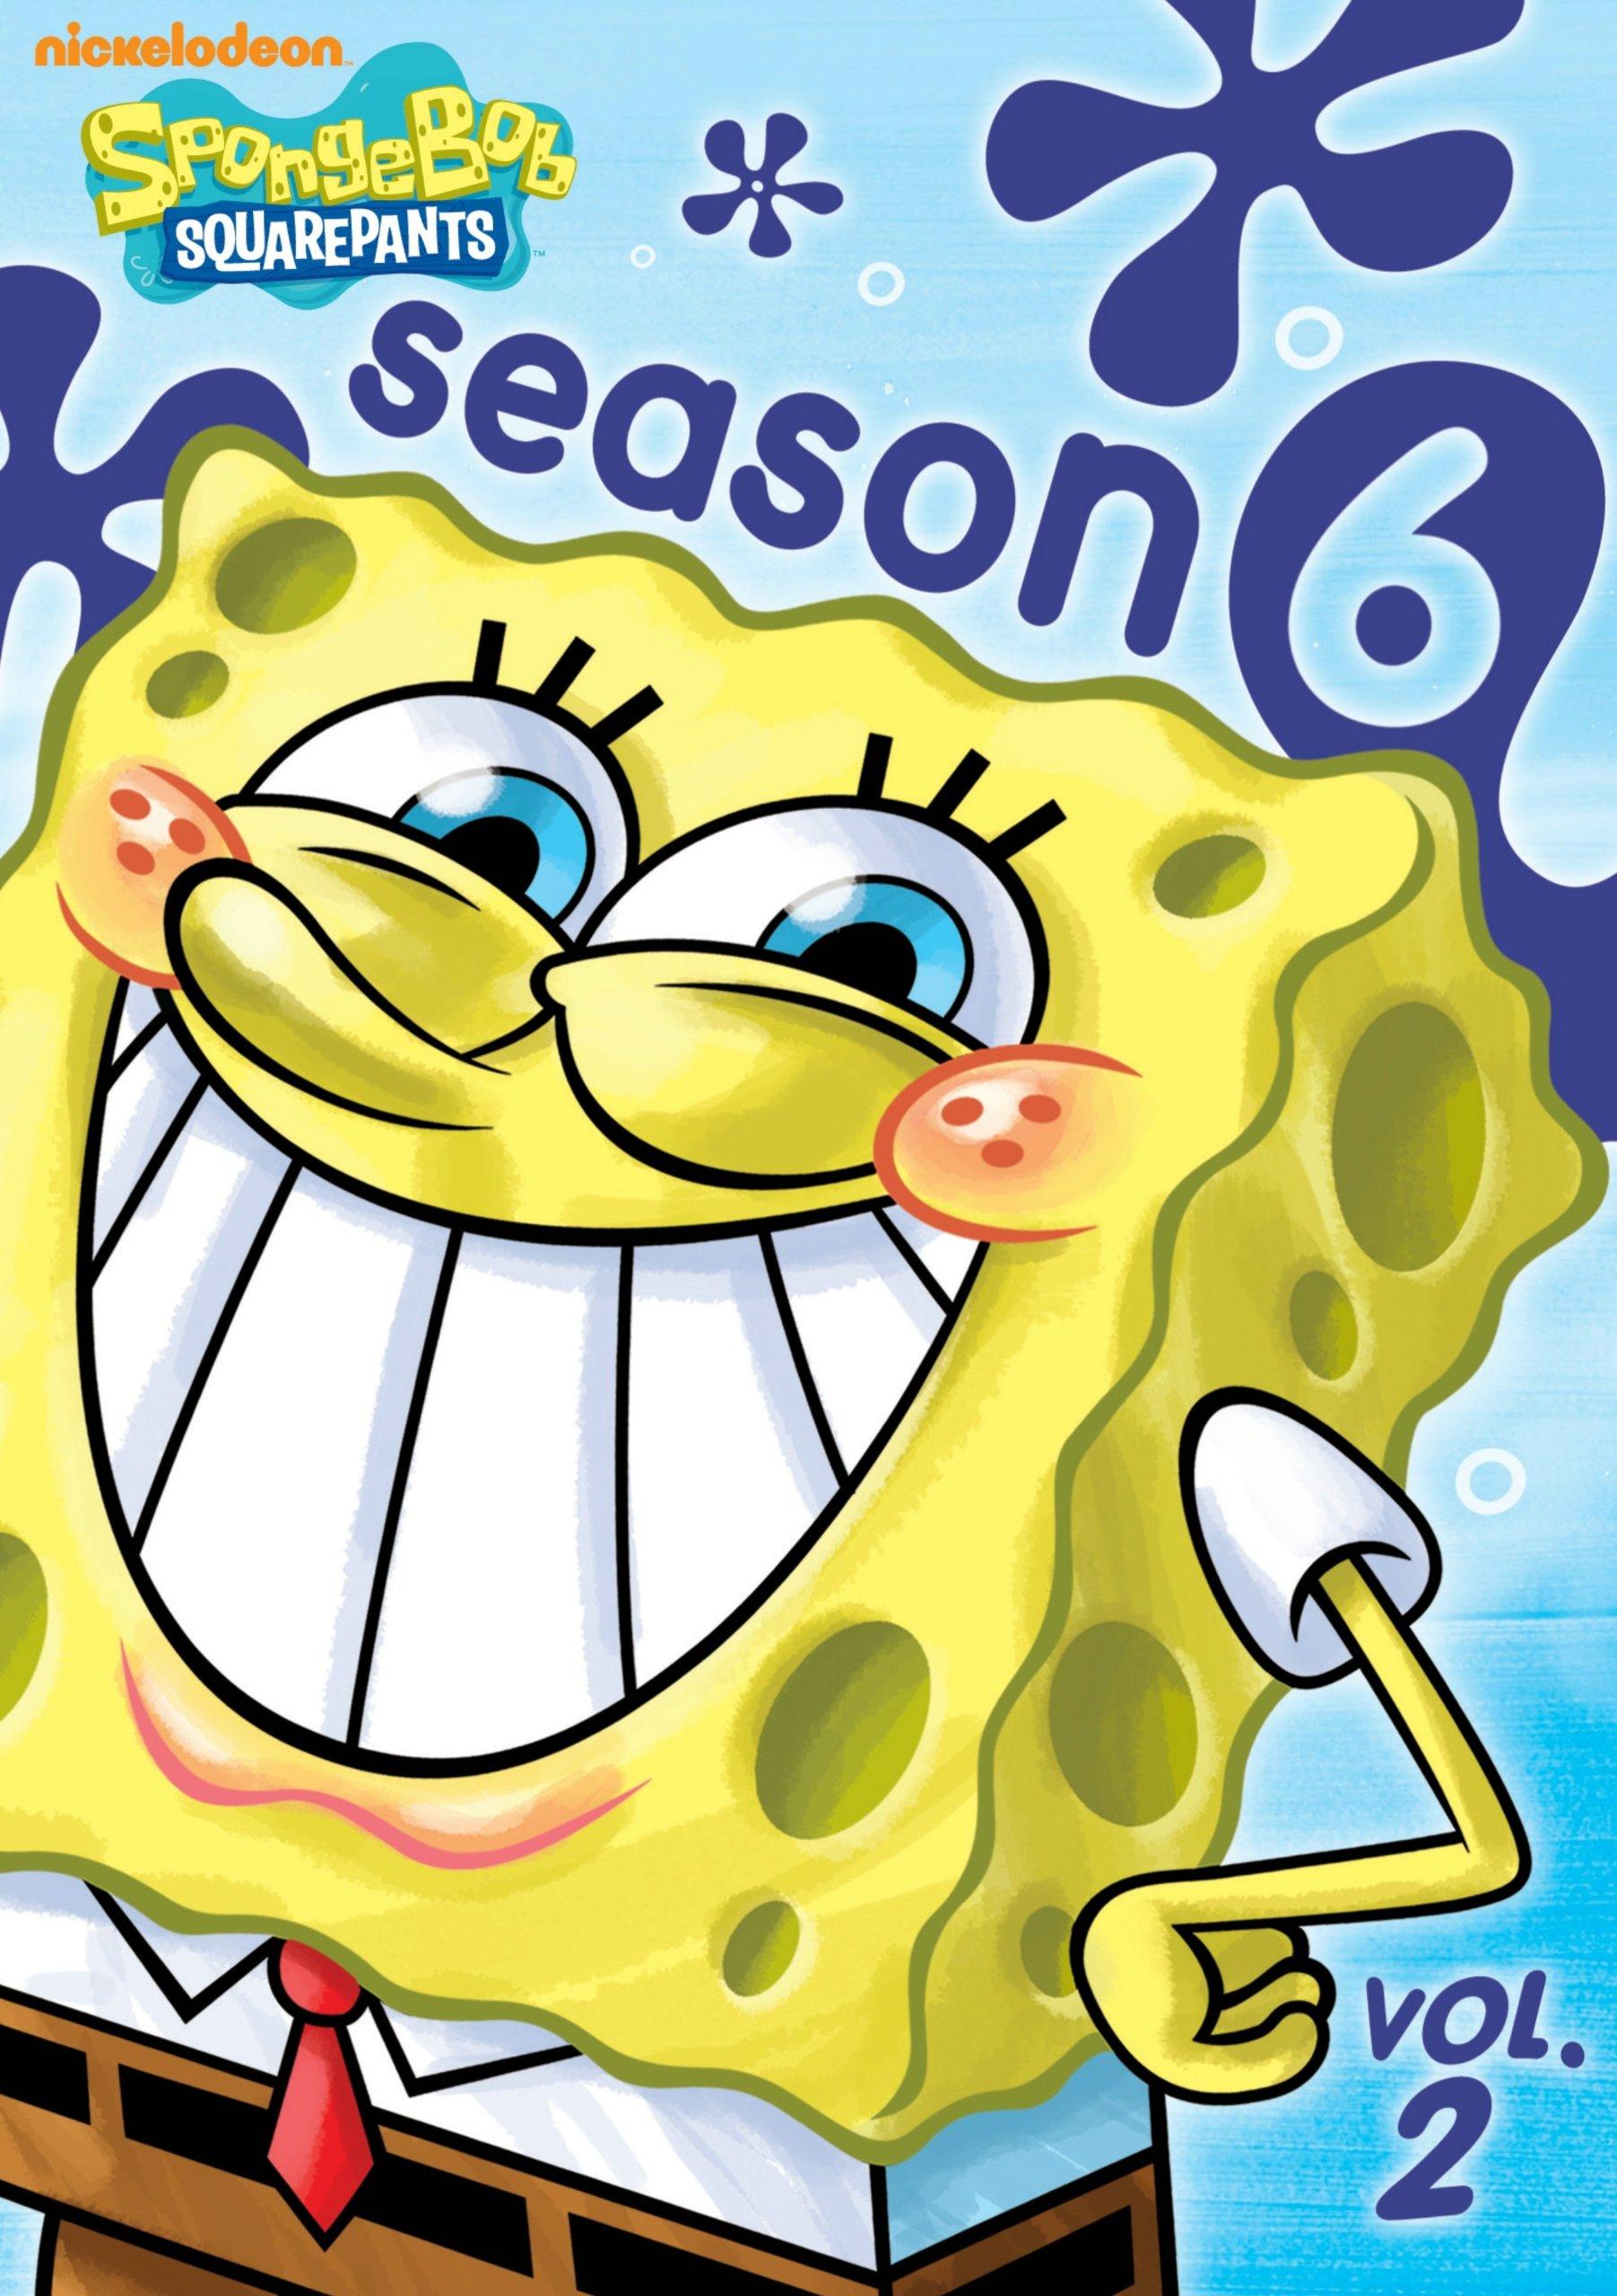 Season 6 Volume 2